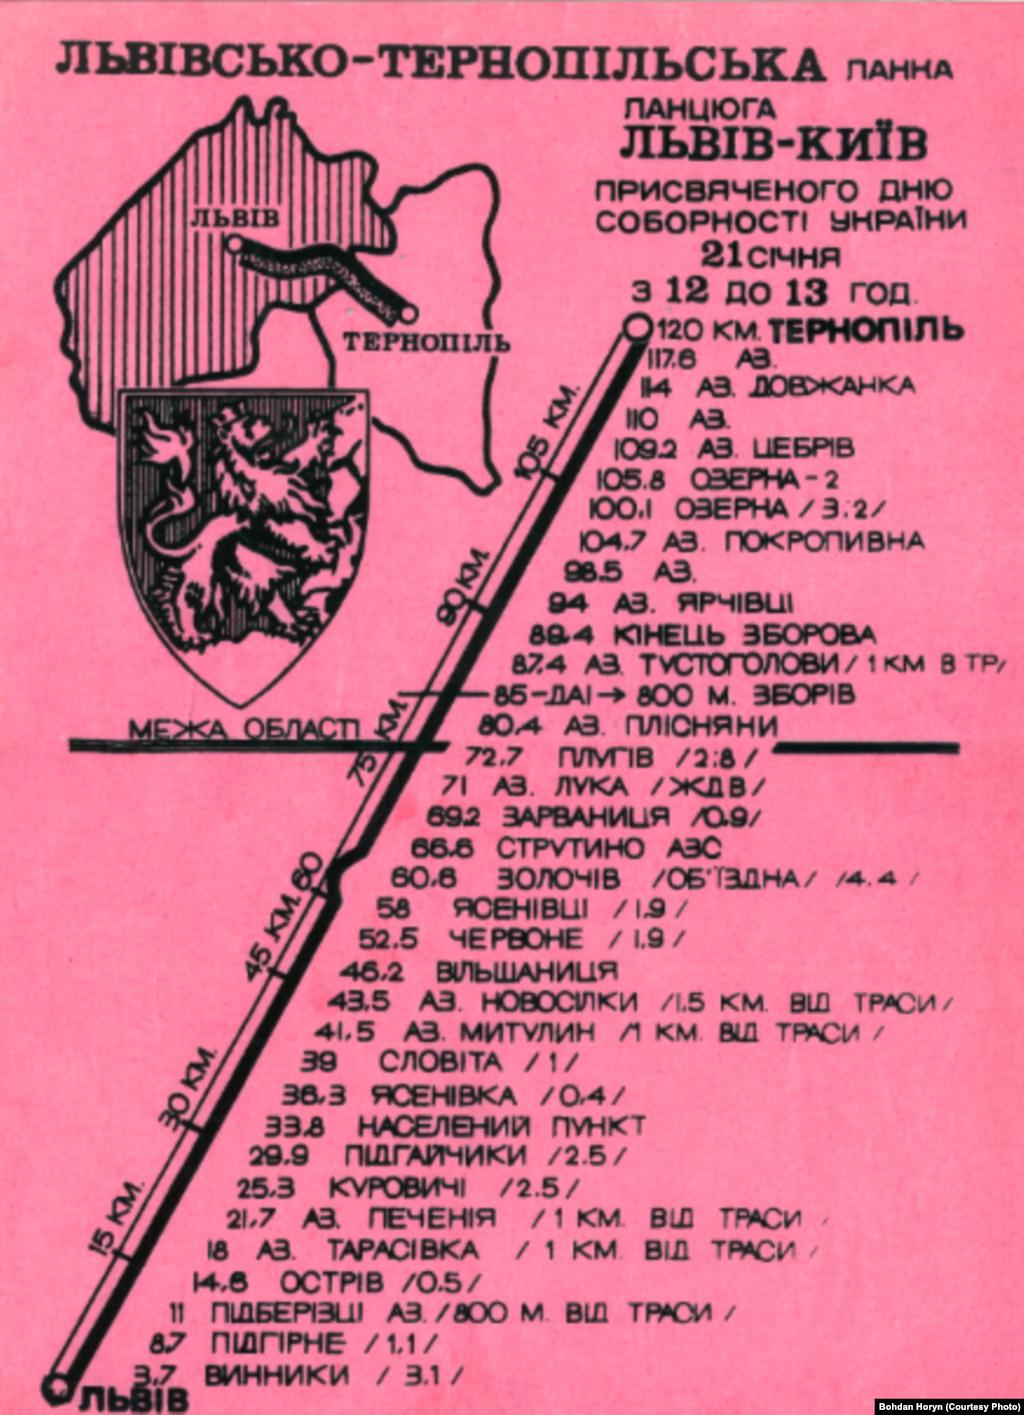 Карта«Живой цепи» на отрезке трассы Львов-Тернополь. Из архива Богдана Горыня